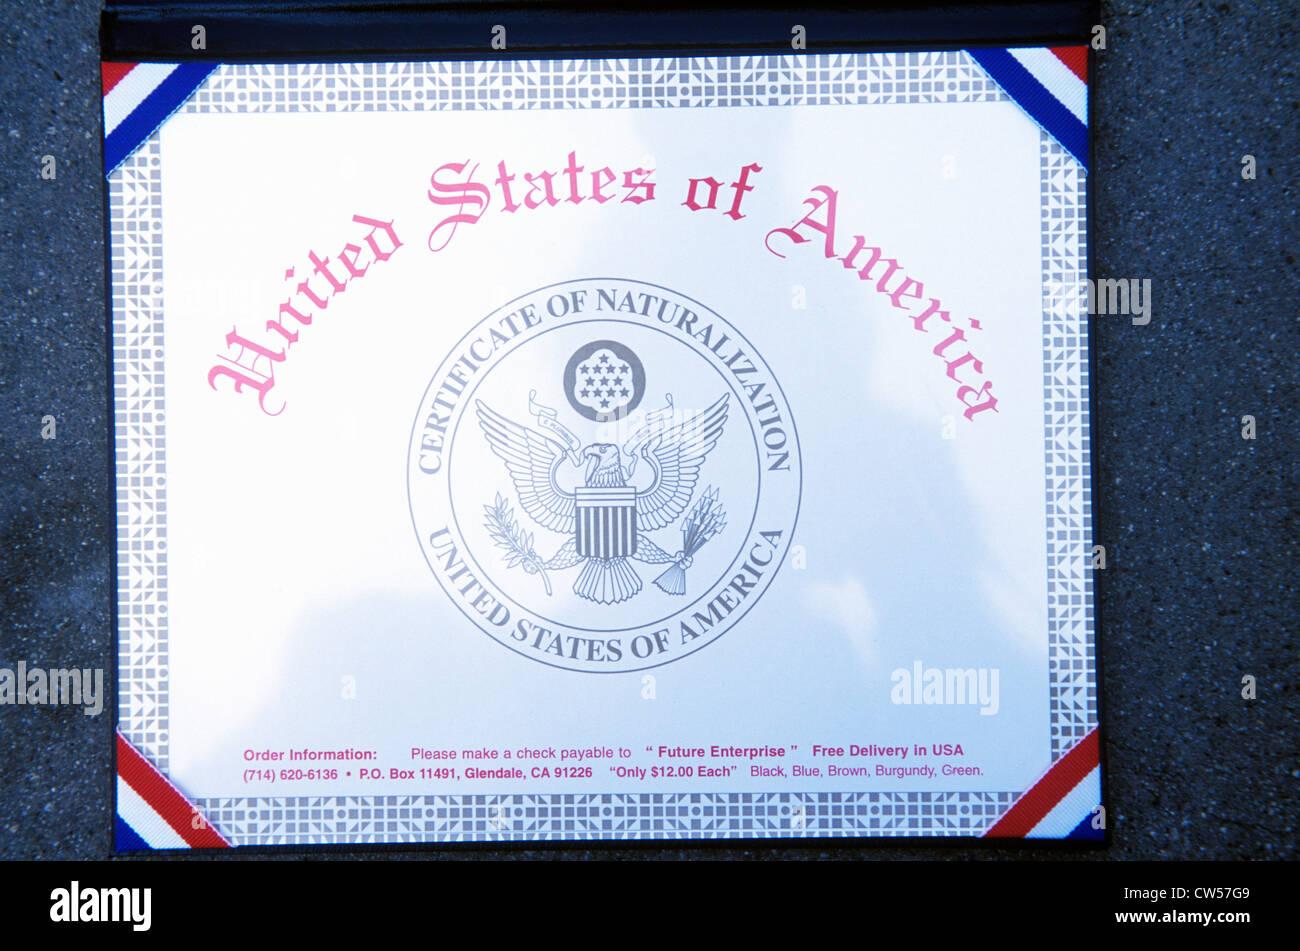 Certificate Of Naturalization Imágenes De Stock & Certificate Of ...